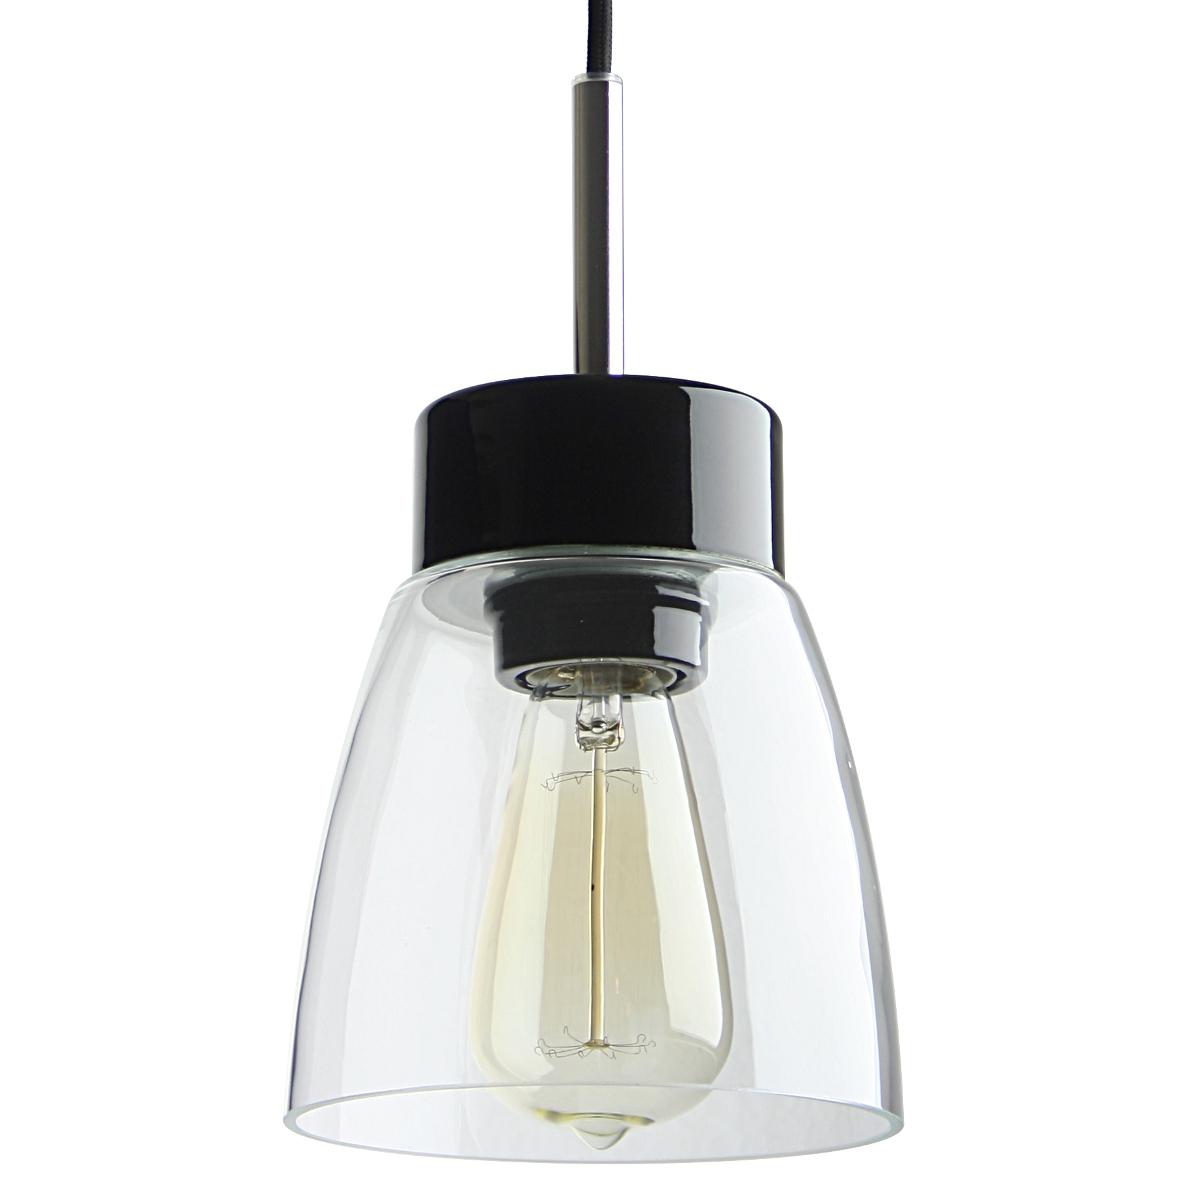 pendelleuchte glasschirm glas pendelleuchte modern. Black Bedroom Furniture Sets. Home Design Ideas